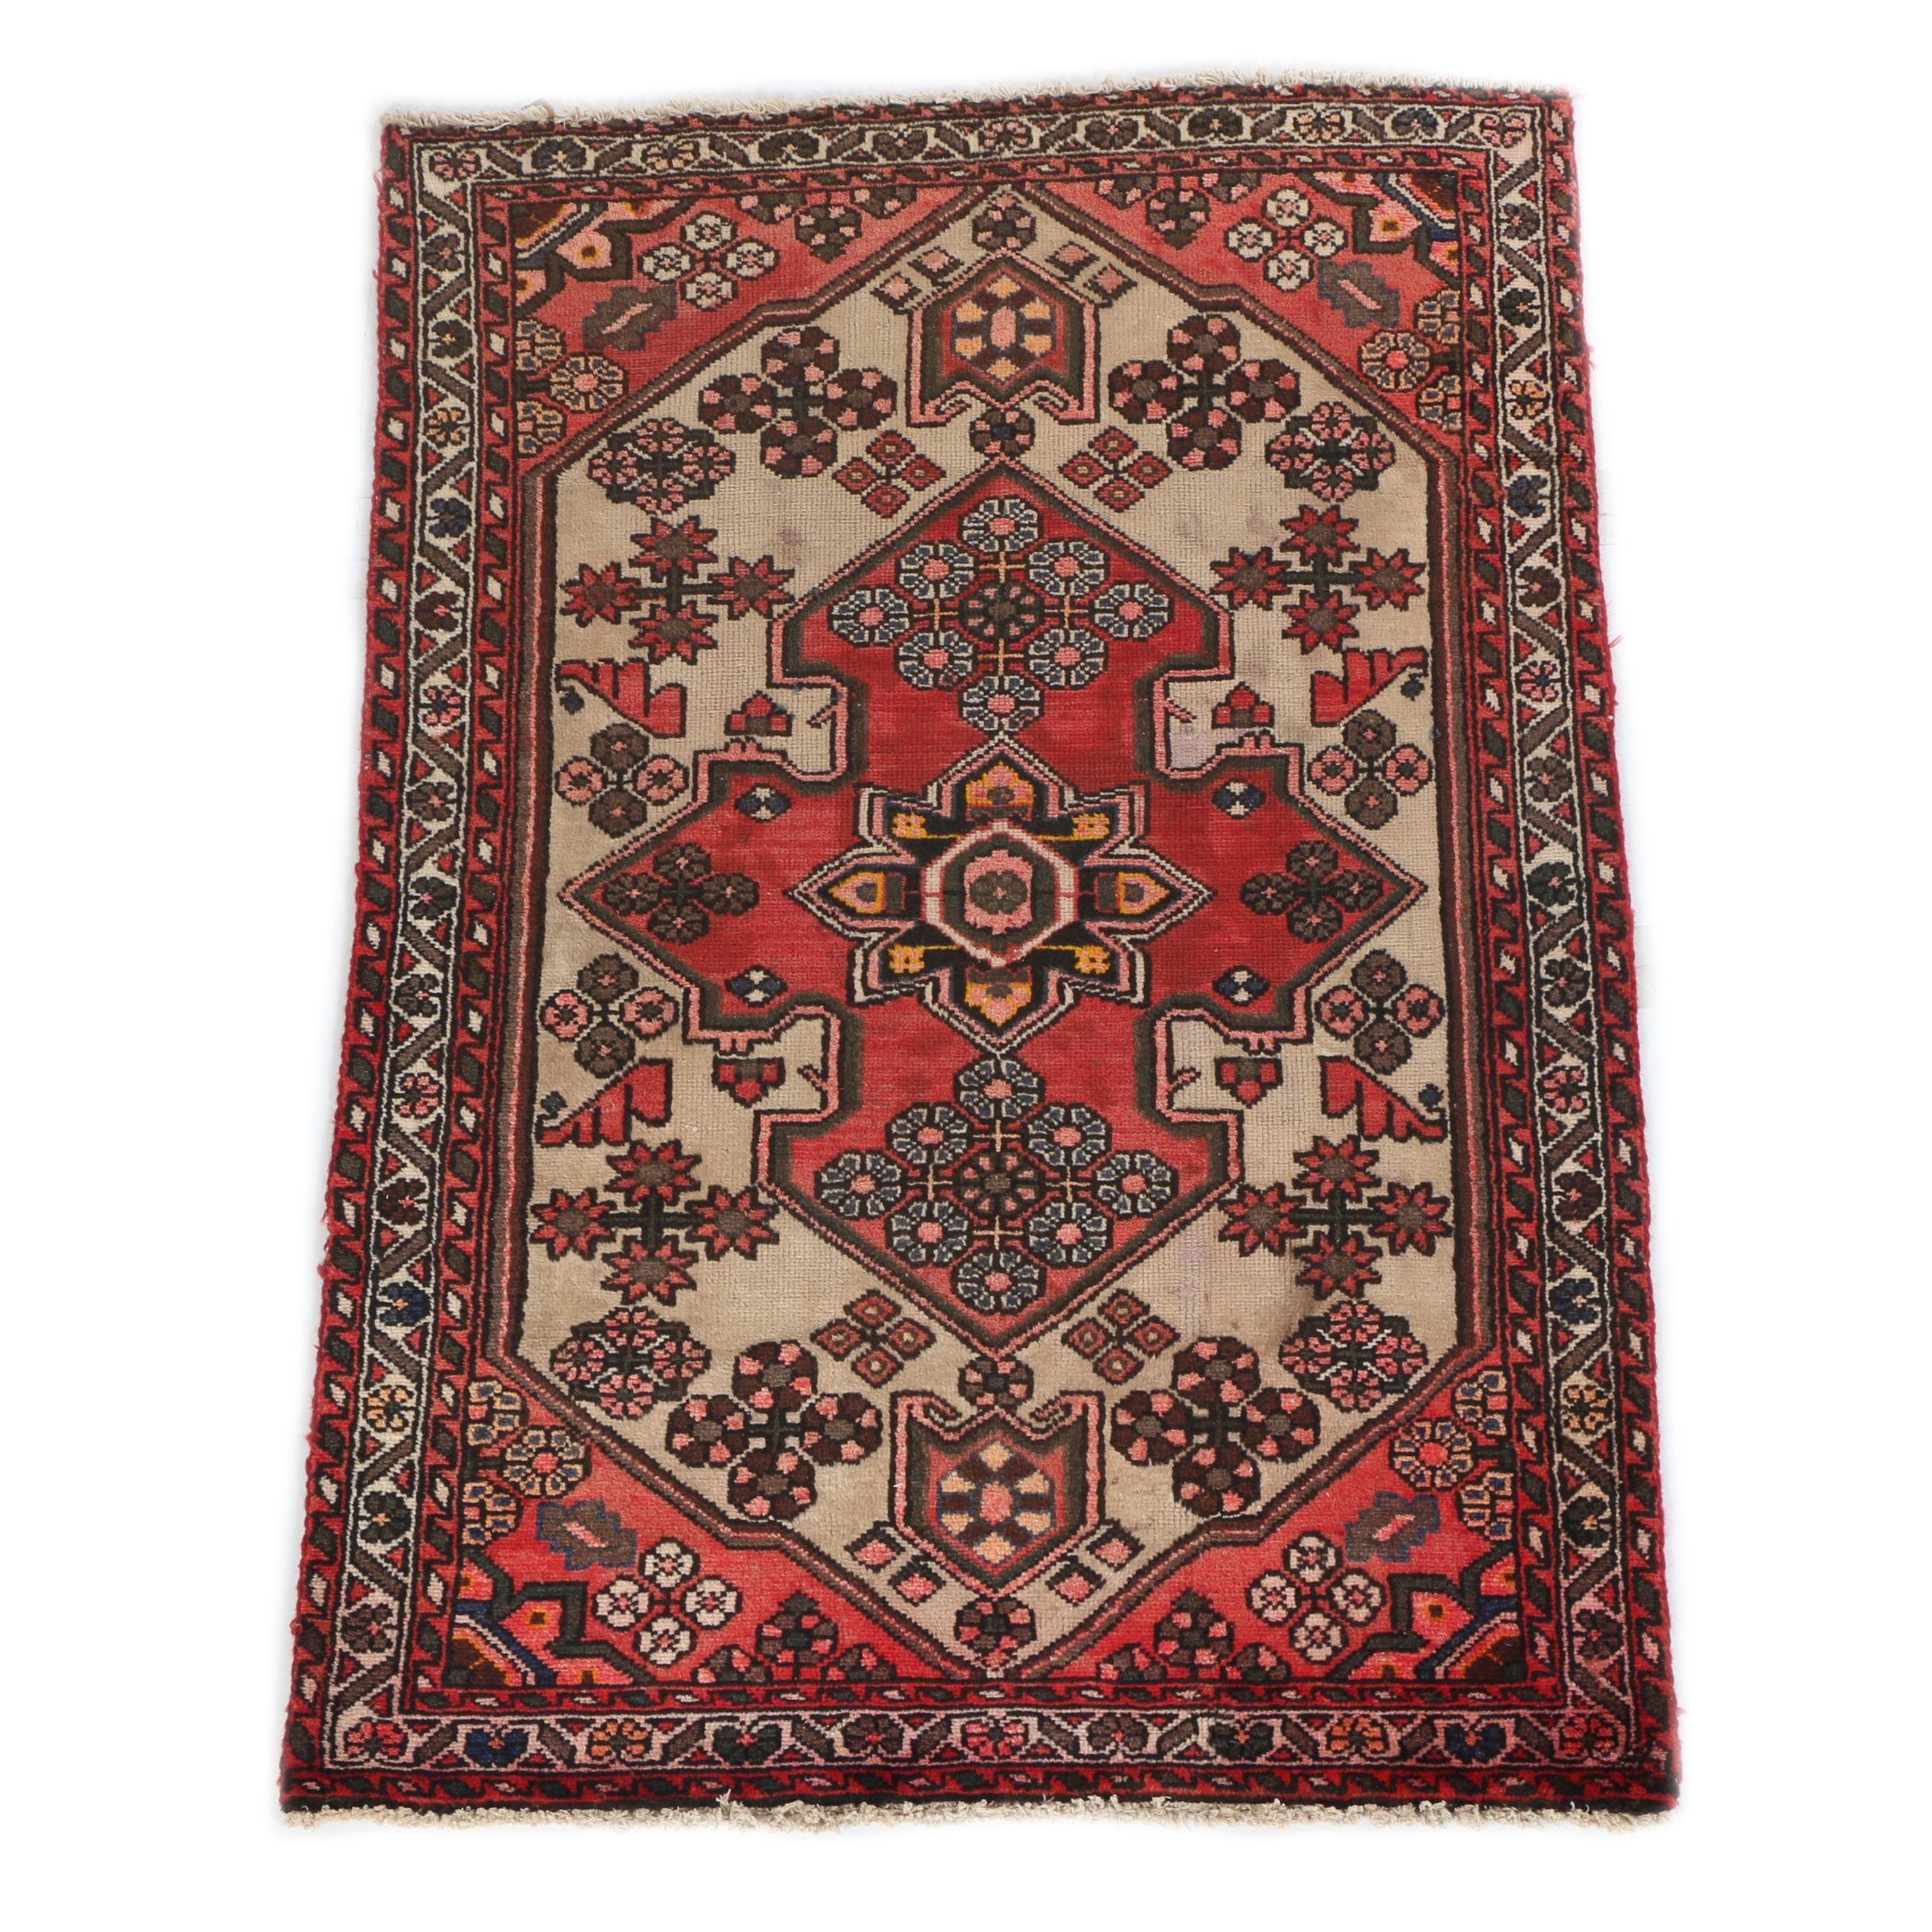 Semi-Antique Persian Handwoven Heriz Wool Area Rug